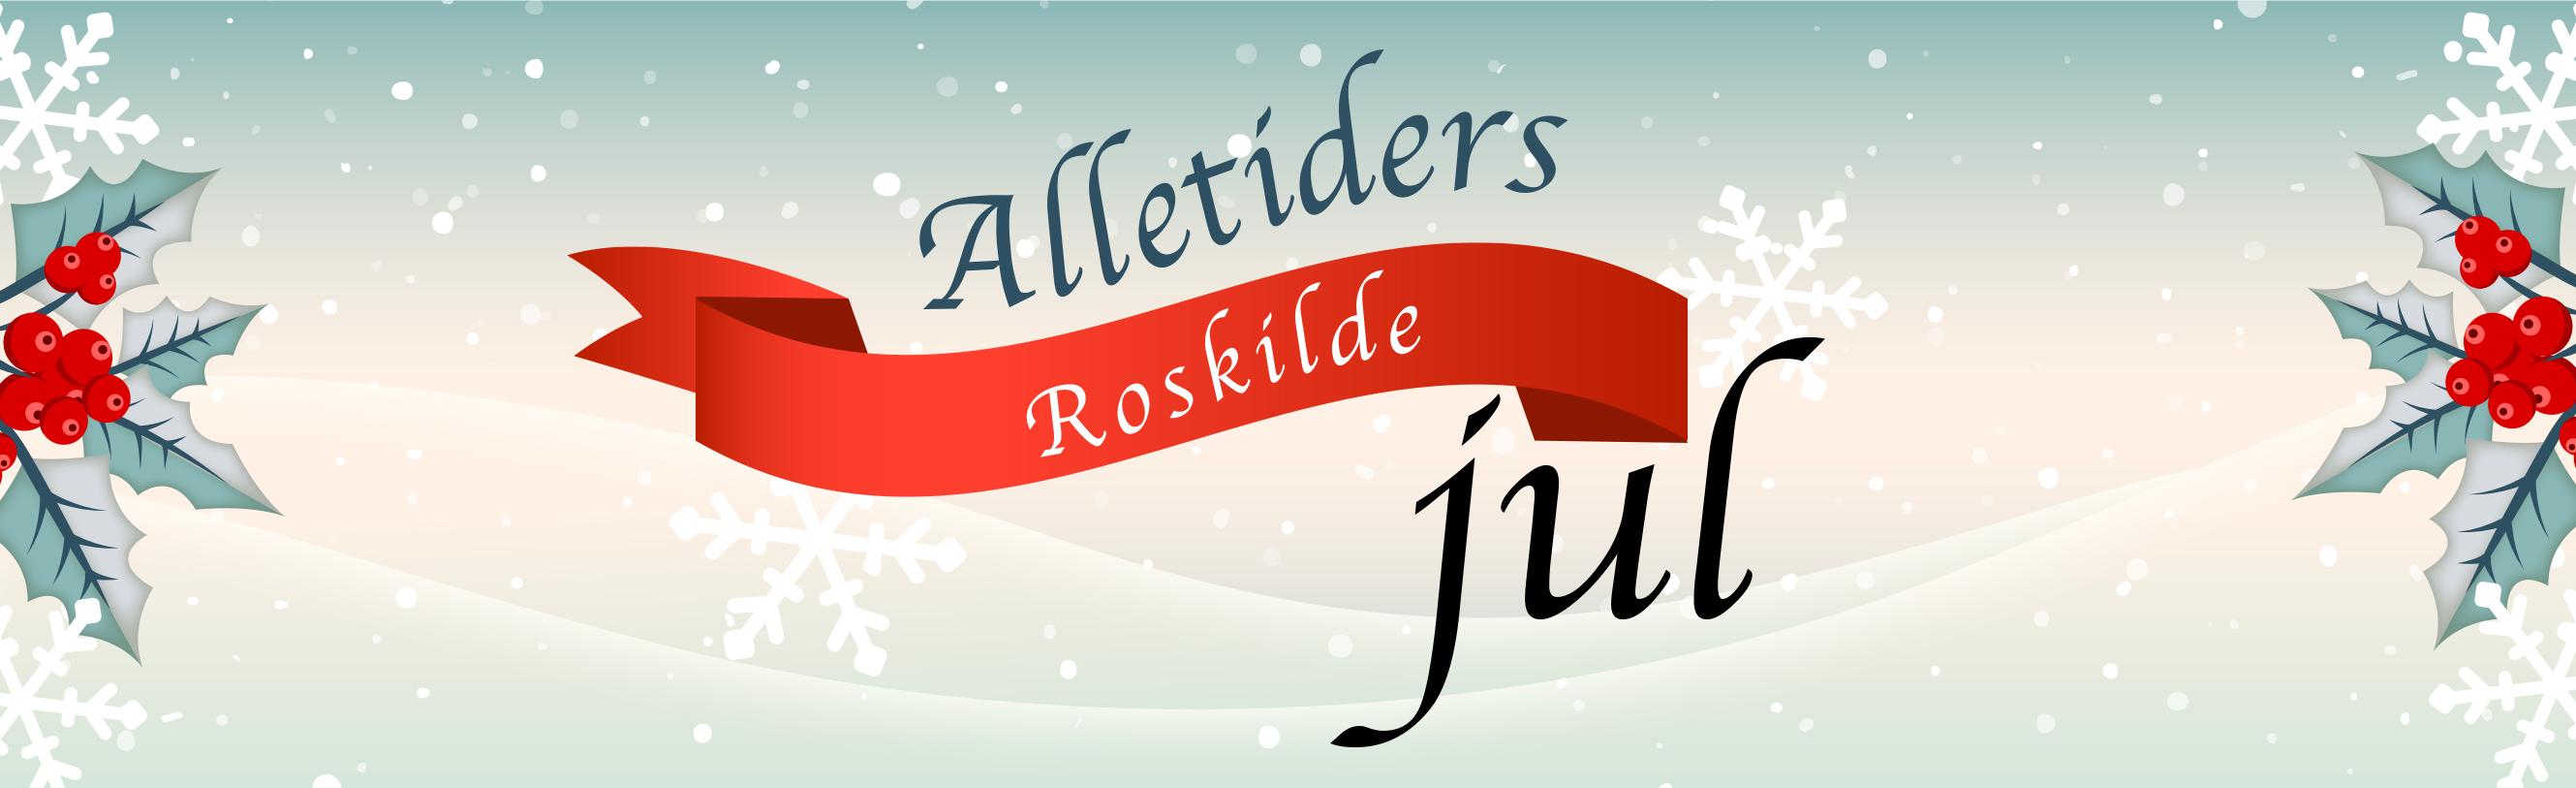 Lørdag 24/11 kl.10:10 Alletiders RoskildeJul @ Østerport st. v/Irma